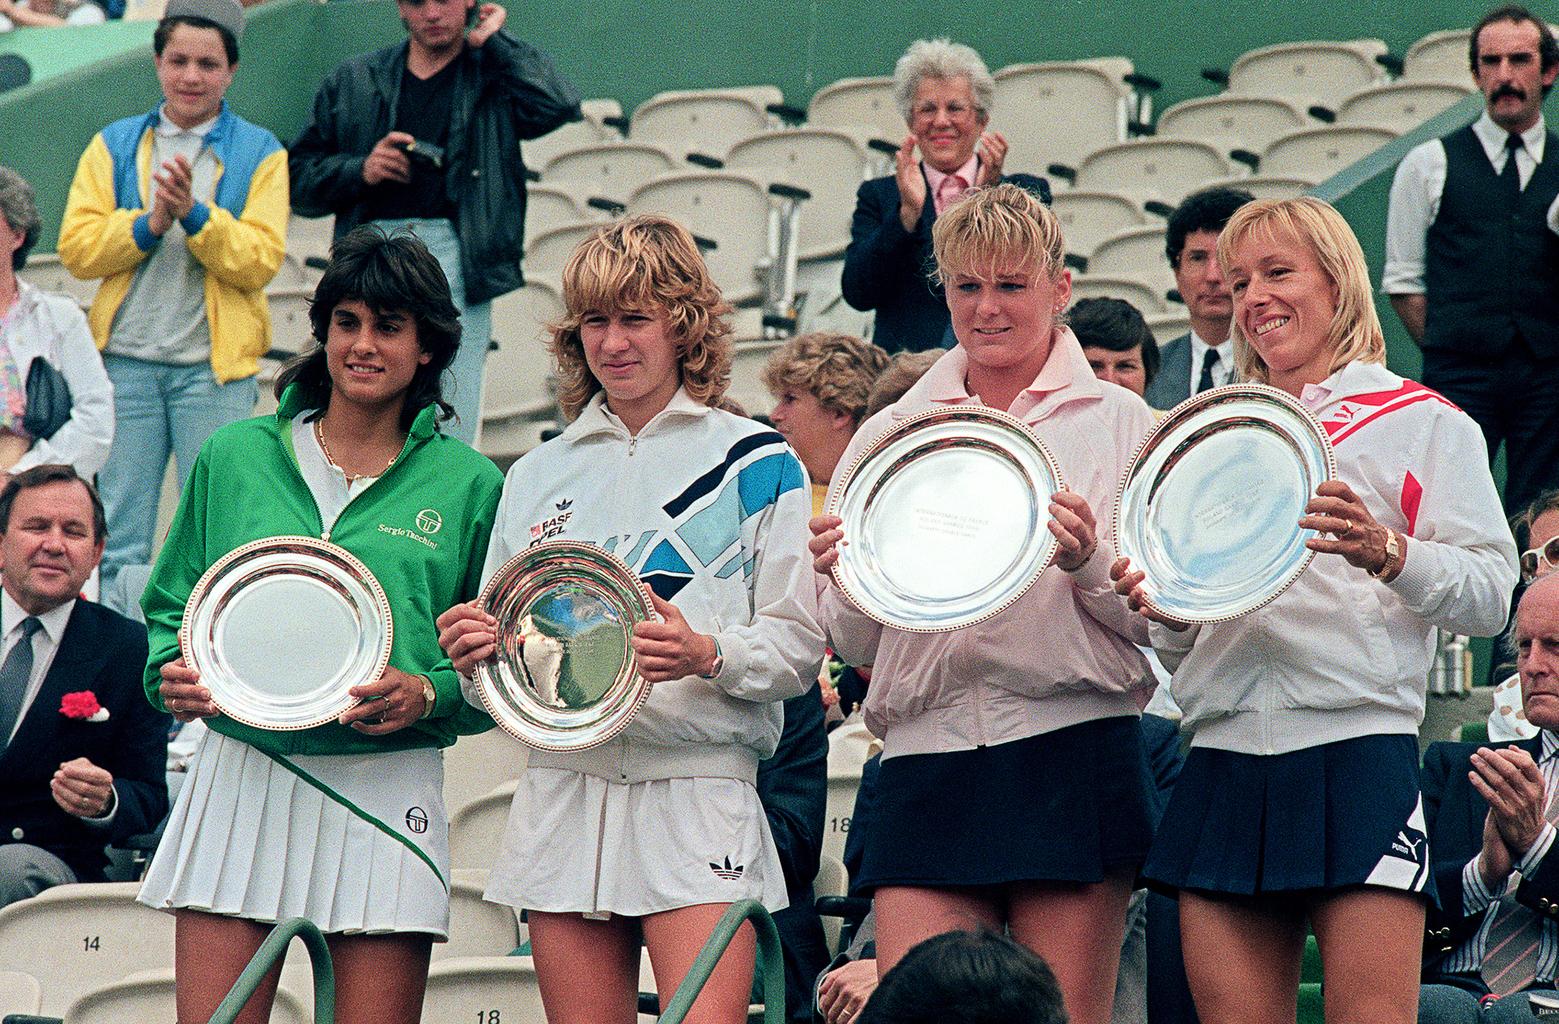 A Gabriela Sabatini - Steffi Graf és a Temesvári Andrea - Martina Navratilova női párosok a Rolland Garros 1986-os női párosának döntője után, amelyet a Temesvári - Navratilova páros nyert meg 6-1, 6-2-re #moszkvater